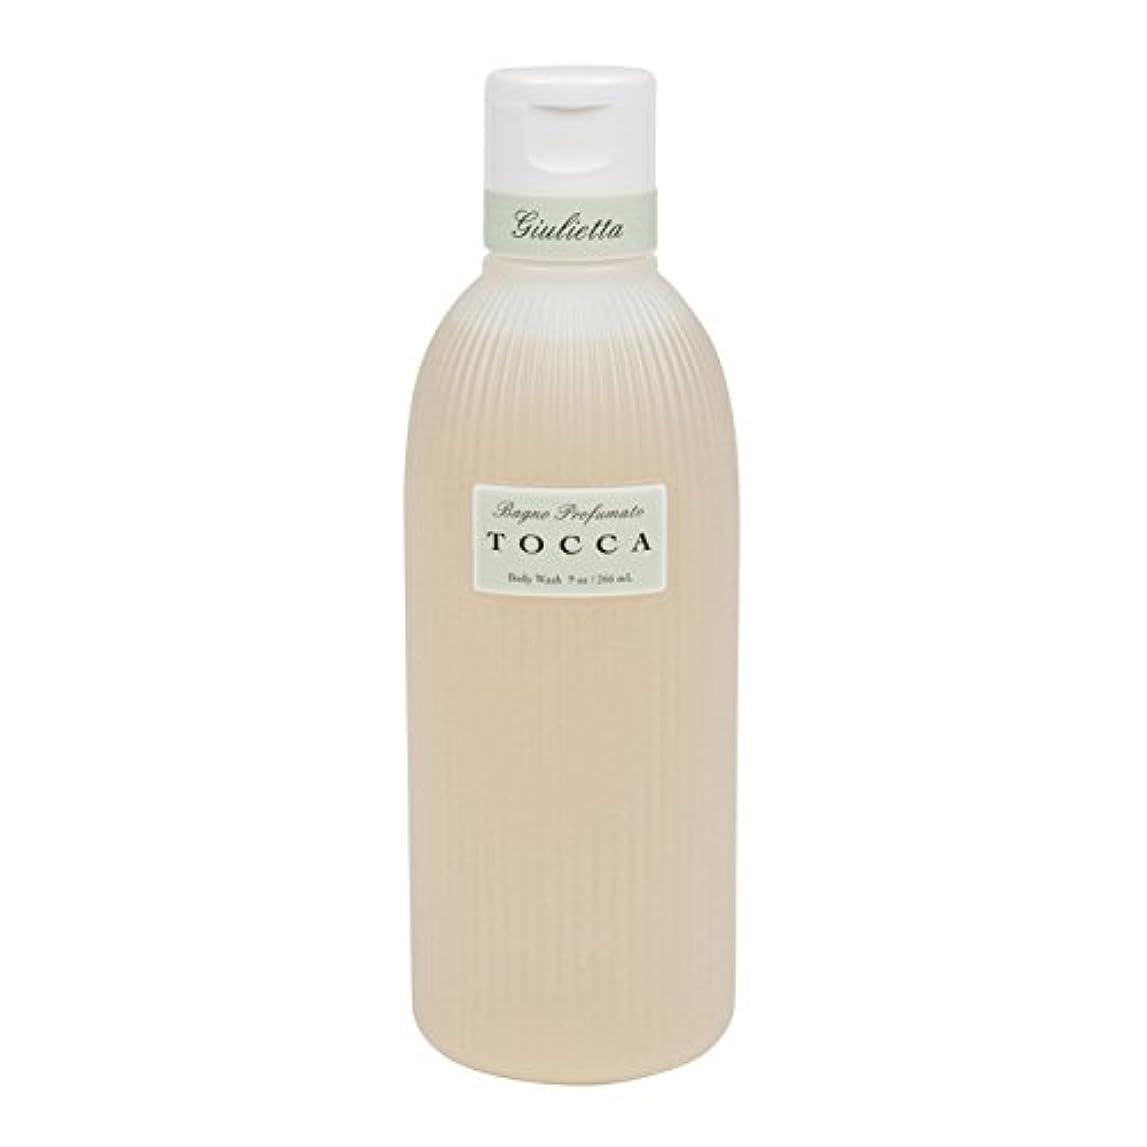 反論者びんあらゆる種類のトッカ(TOCCA) ボディーケアウォッシュ ジュリエッタの香り  266ml(全身用洗浄料 ボディーソープ ピンクチューリップとグリーンアップルの爽やかで甘い香り)